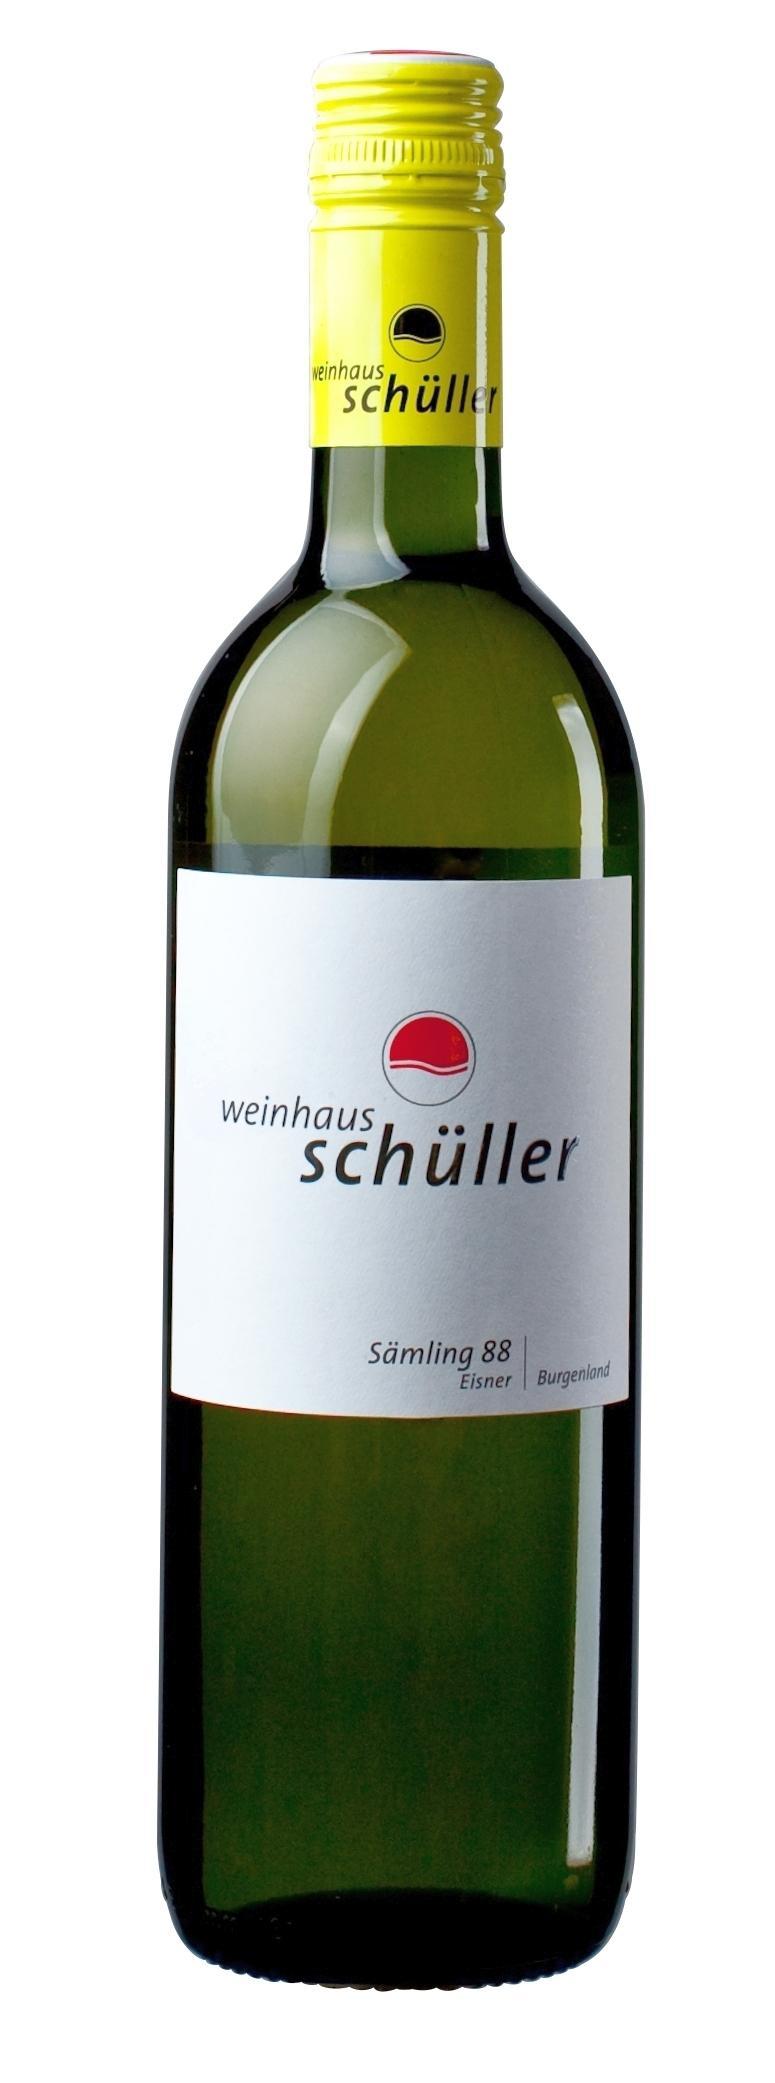 Sämling 88  2018 / Weinhaus Schüller